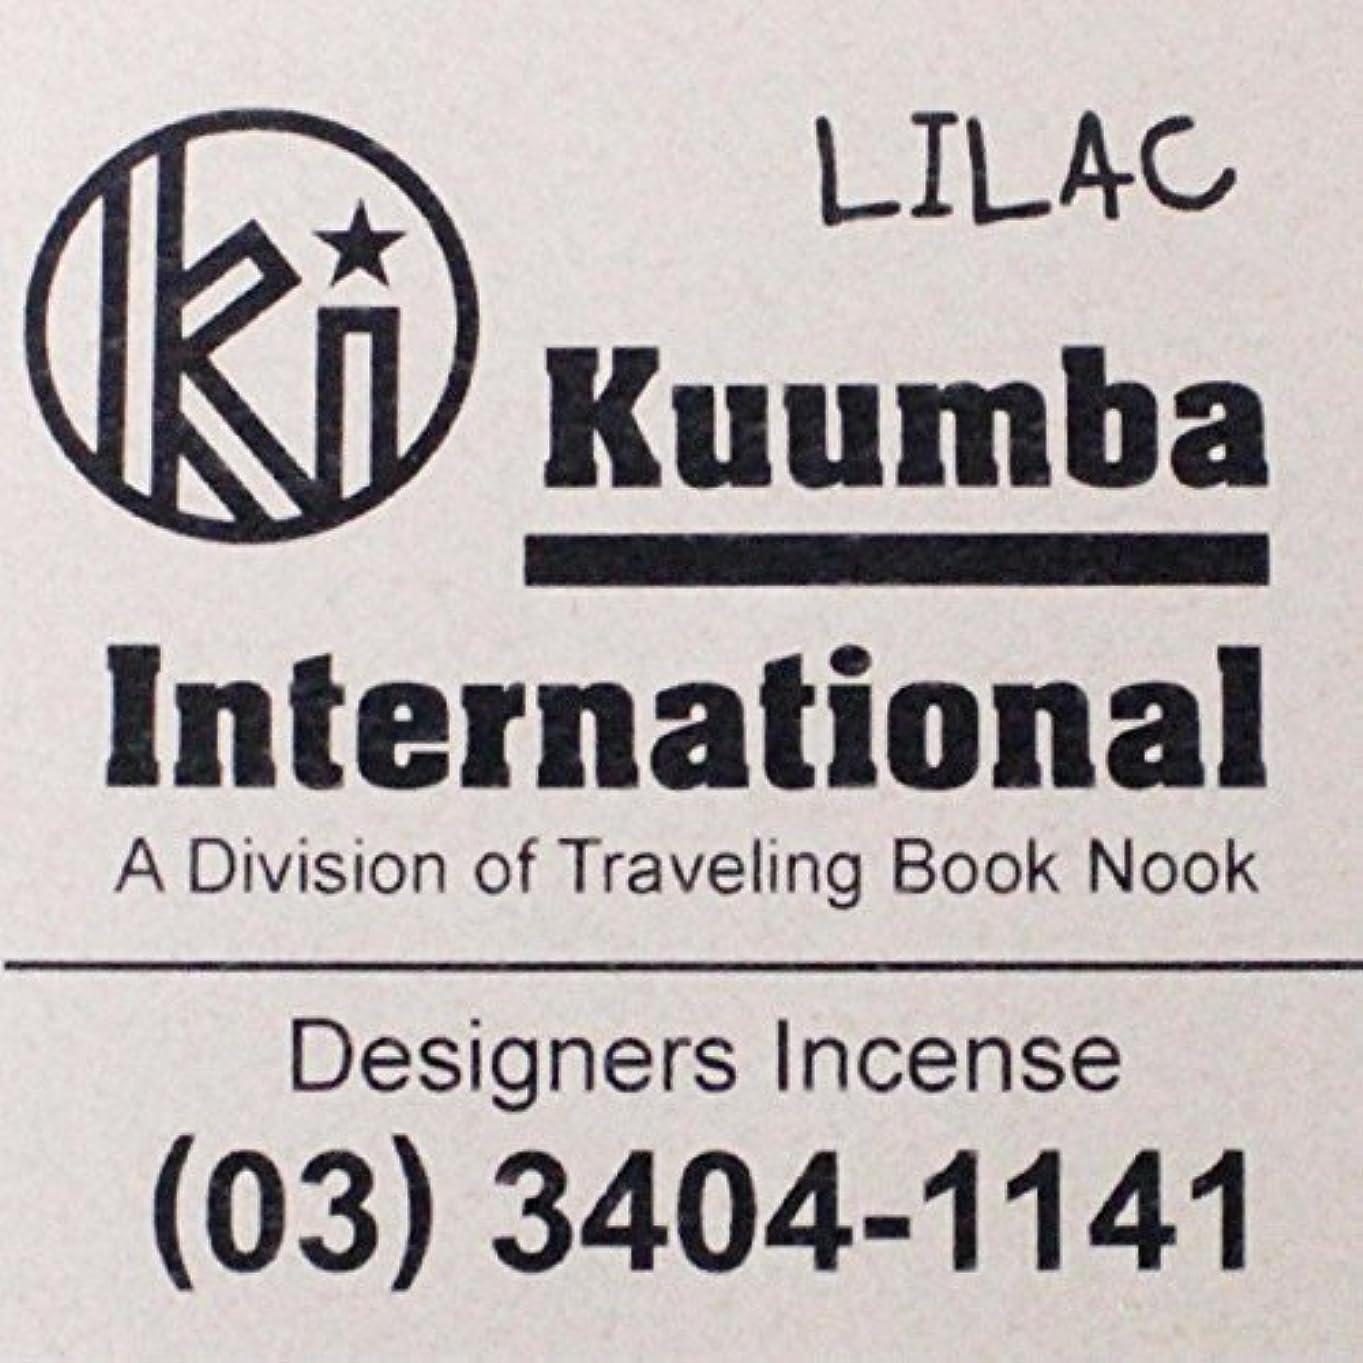 平らにする刺すヒゲ(クンバ) KUUMBA『incense』(LILAC) (Regular size)